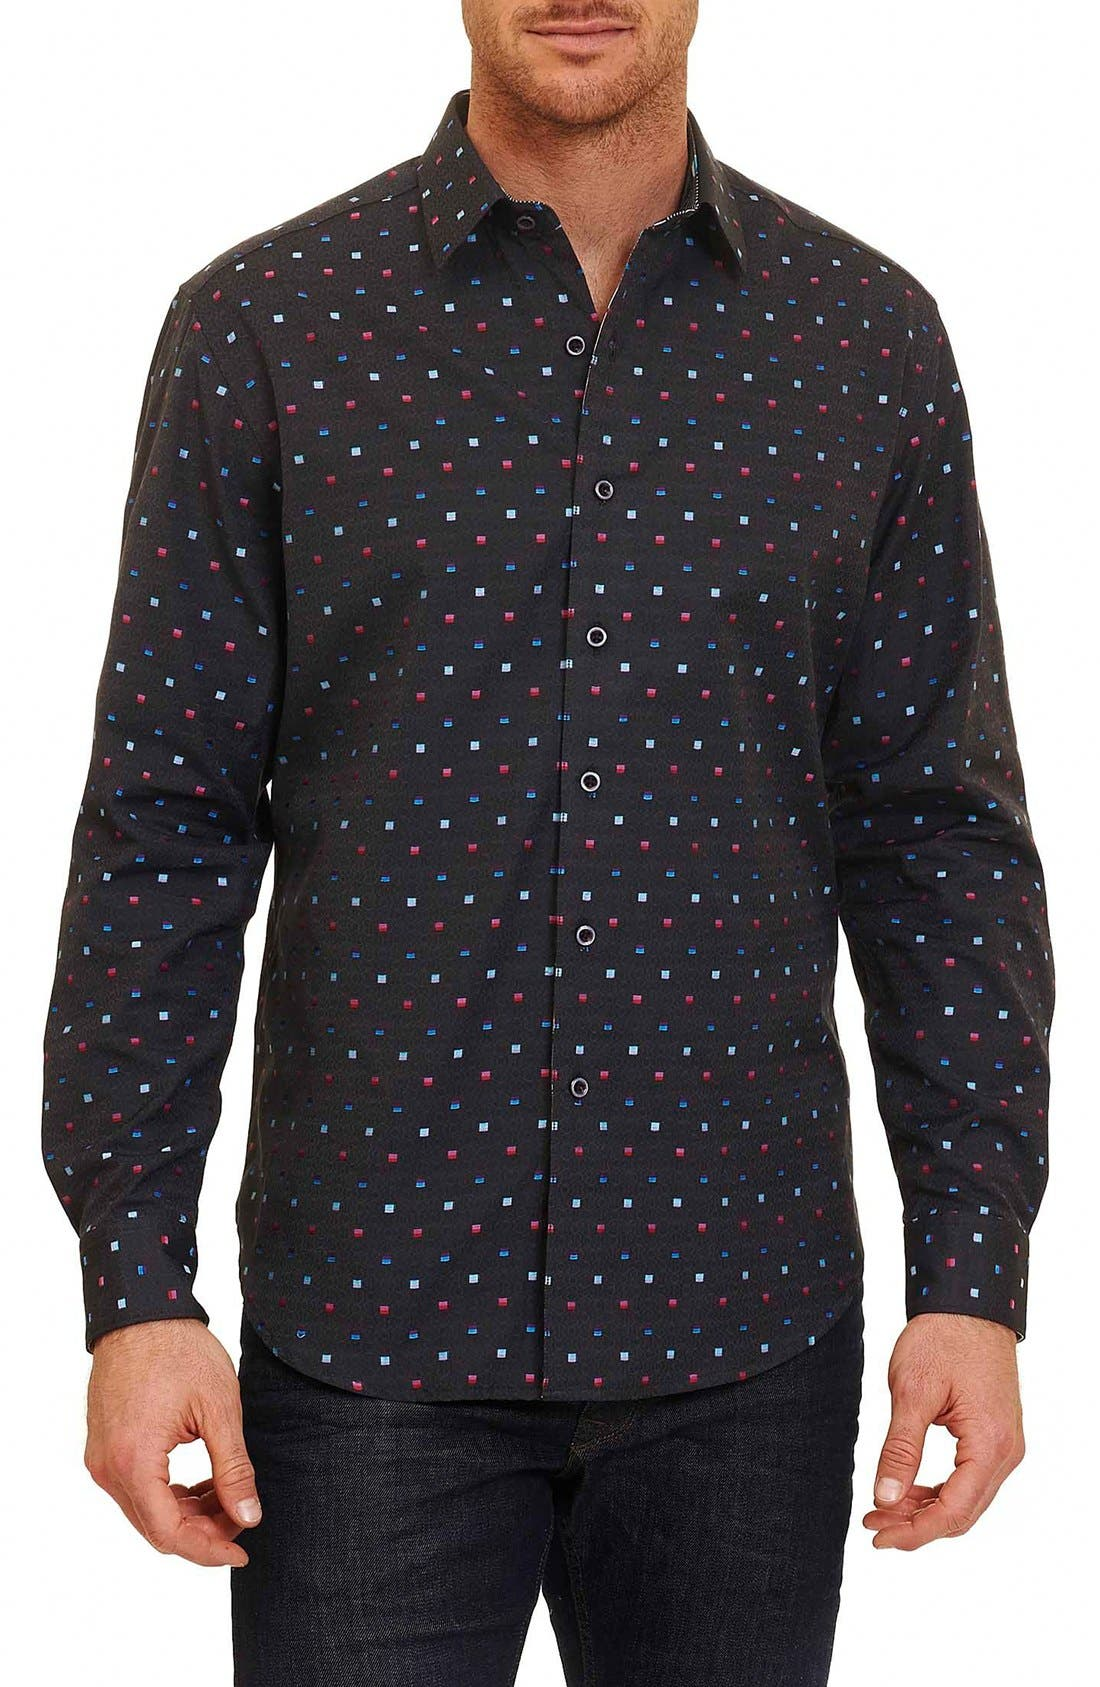 Orion Arm Classic Fit Sport Shirt,                             Main thumbnail 1, color,                             030